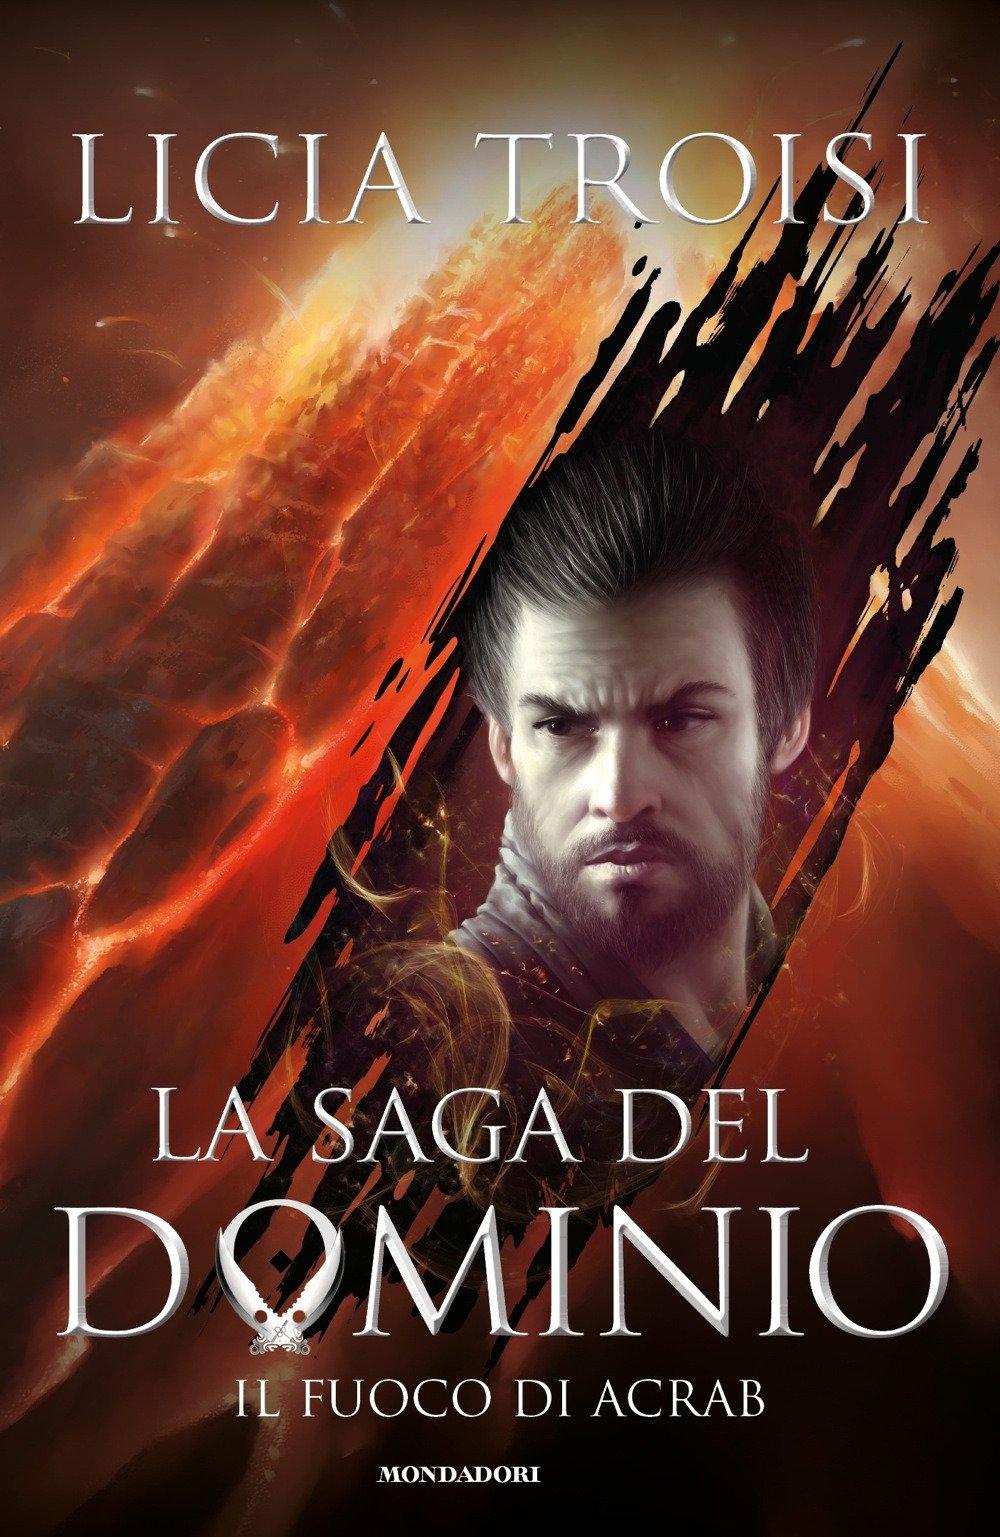 Il fuoco di Acrab. La saga del Dominio: 2 Copertina rigida – 24 ott 2017 Licia Troisi Mondadori 8804678909 Fantascienza-fantasy